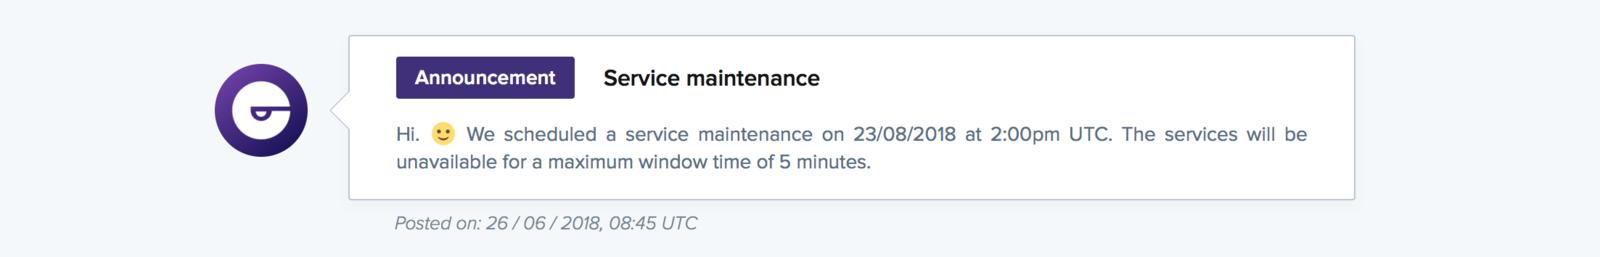 A maintenance announcement on a public status page